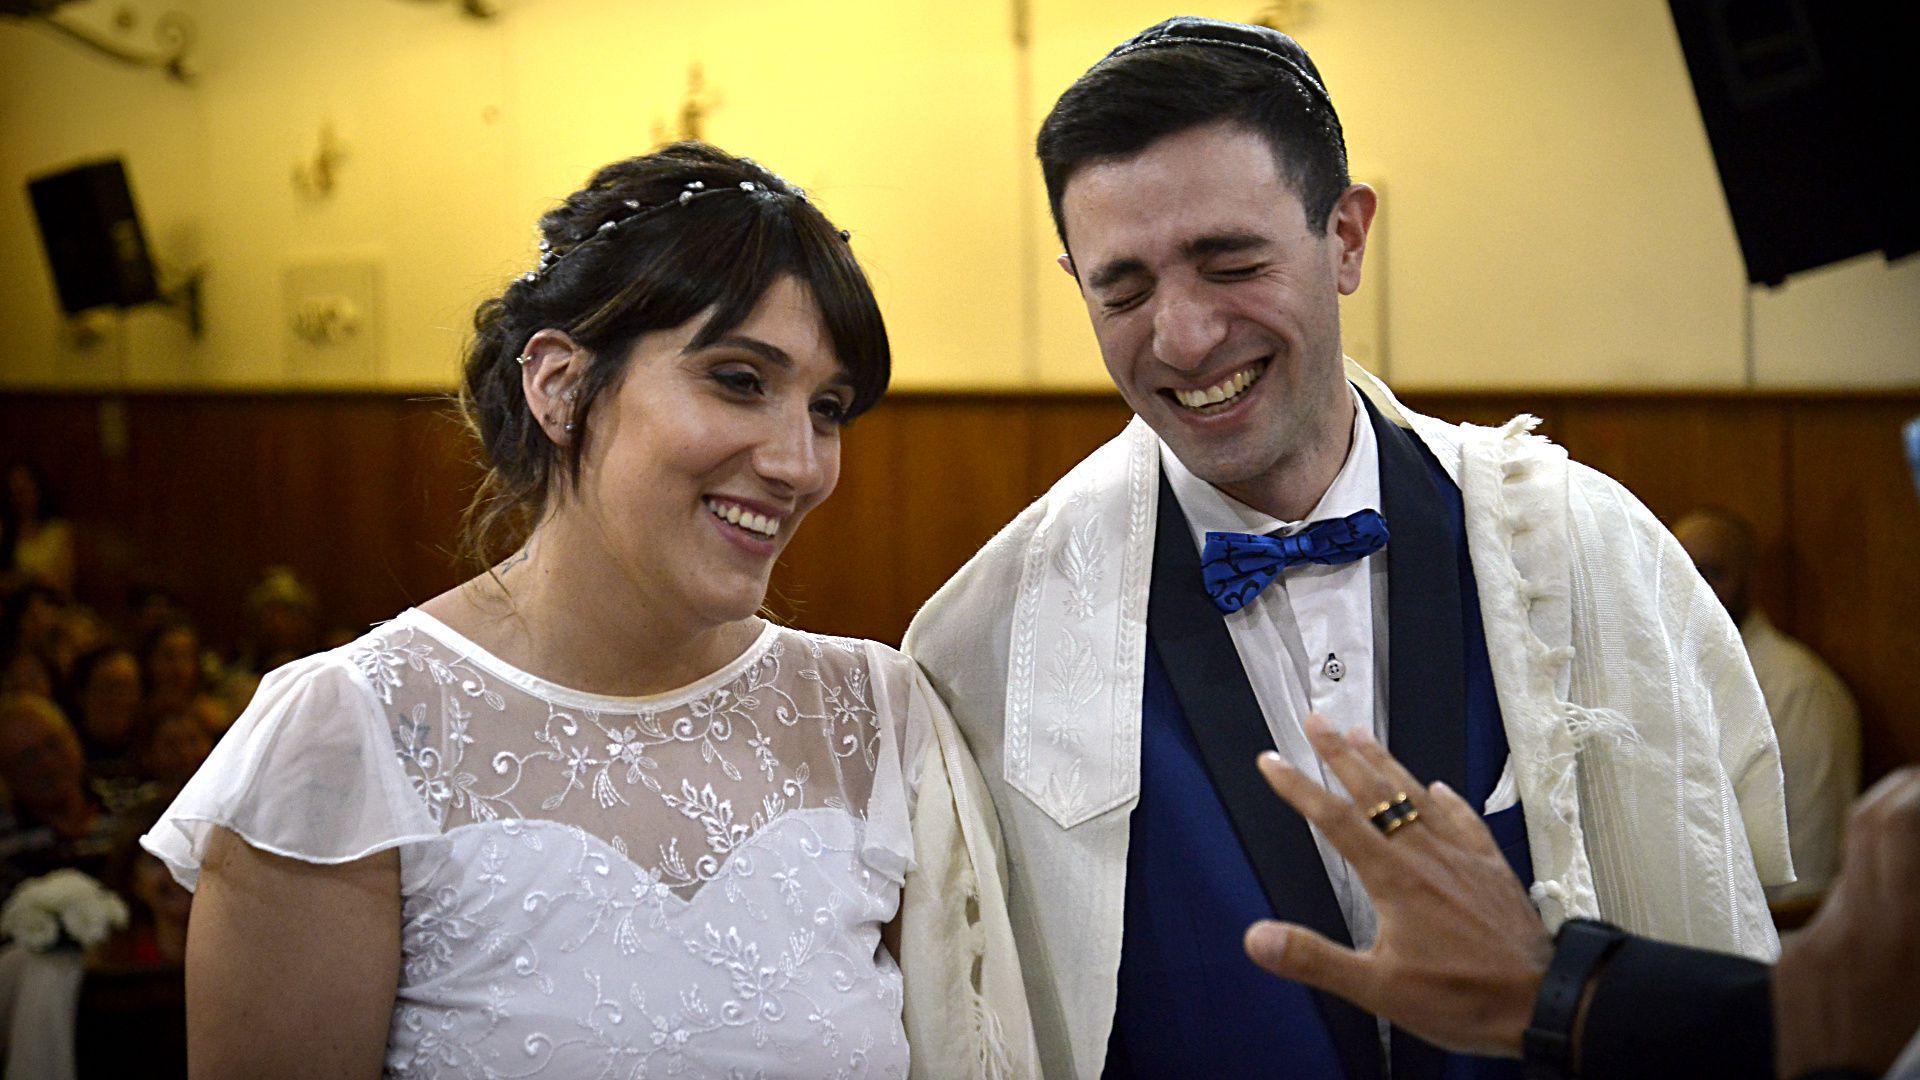 Carla y Nicolás, en el altar, sonriendo minutos antes de dar el sí más importante de sus vidas